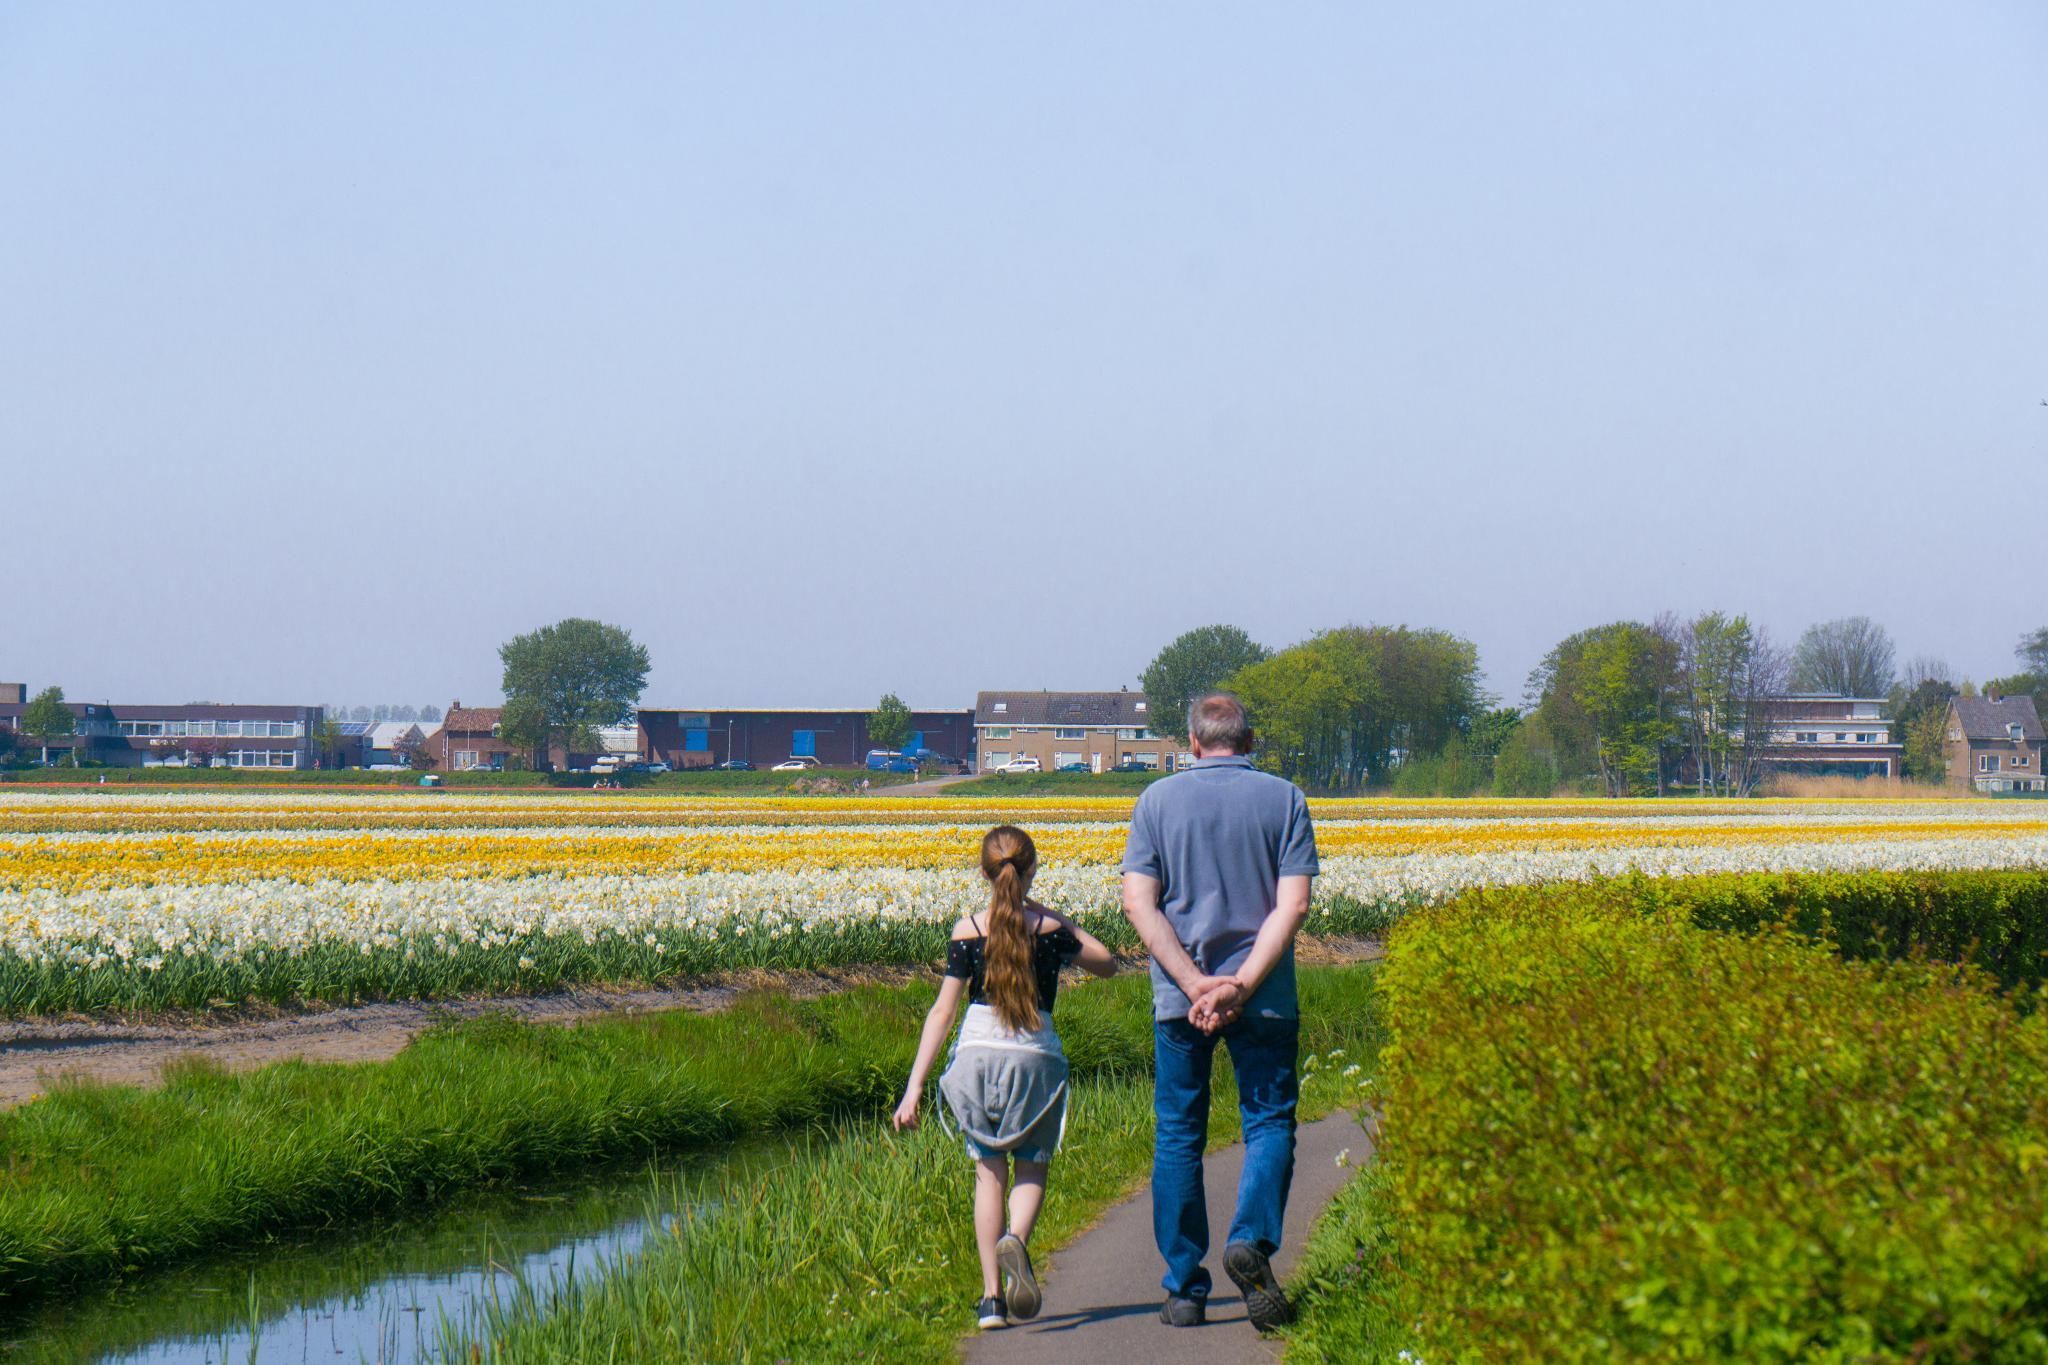 【荷蘭印象】花田嬉事:荷蘭單車花之路 18